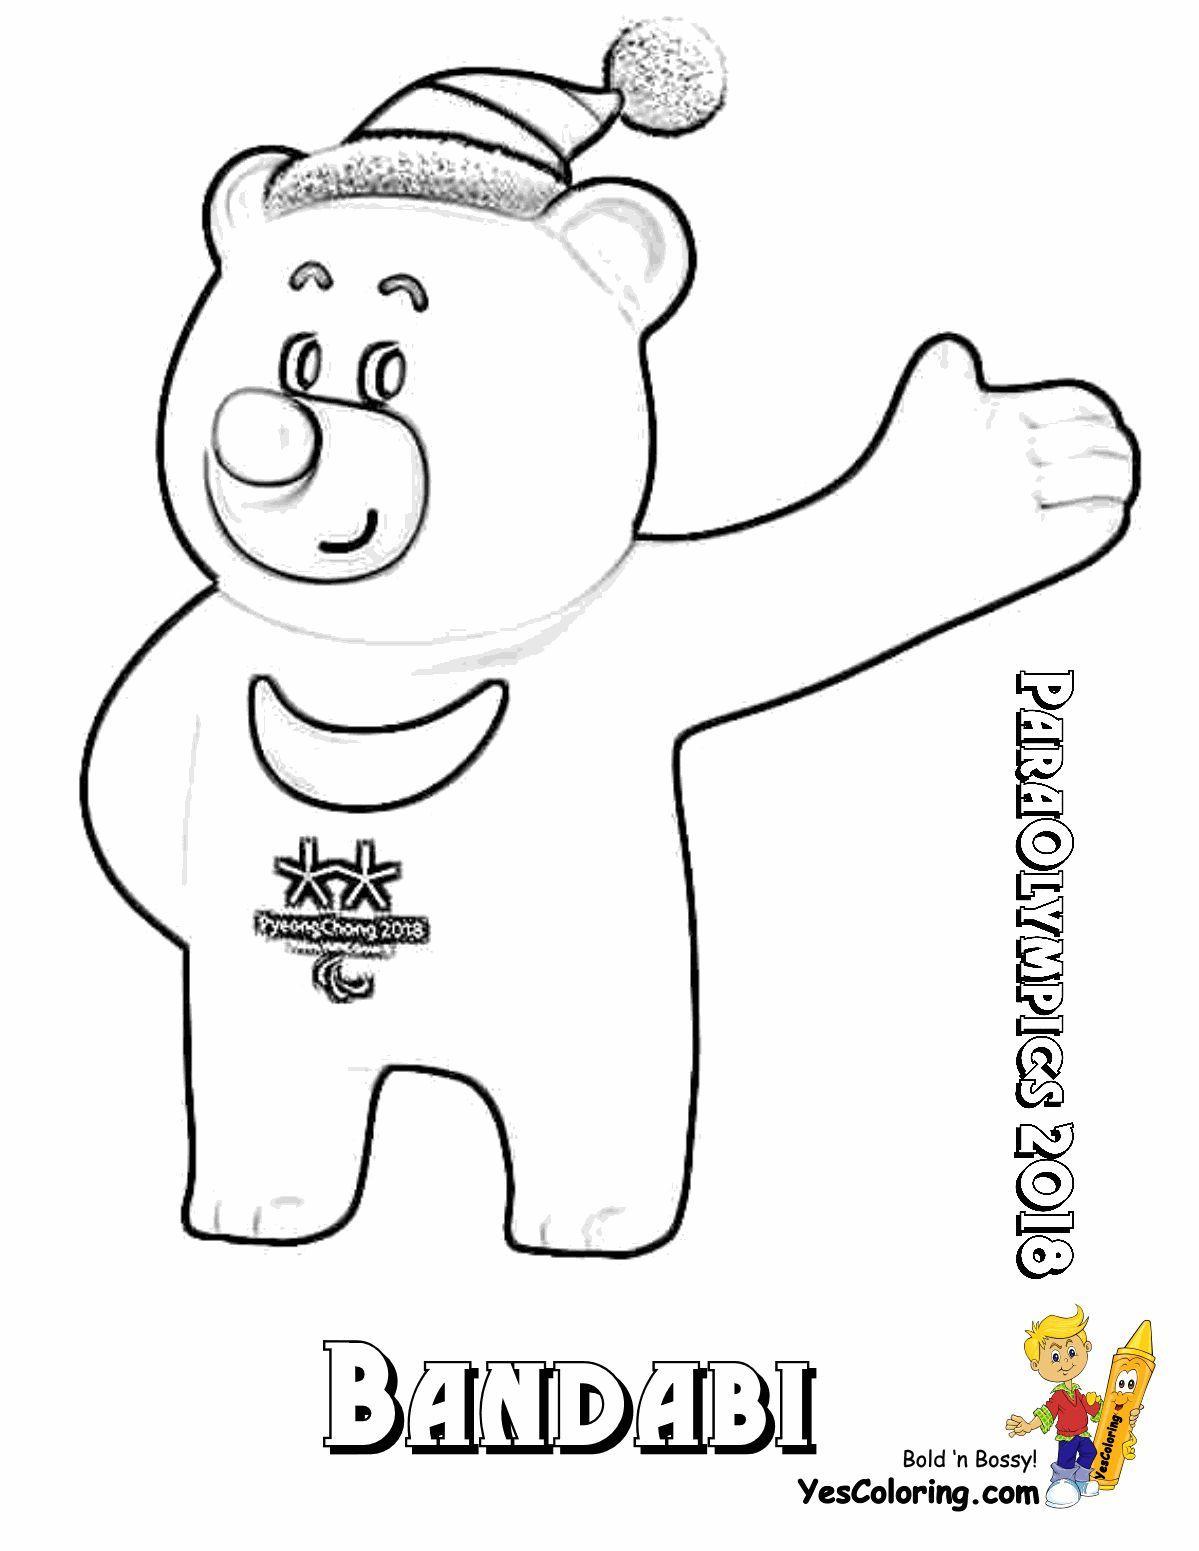 Print Out This Paraolympics Mascot Bandabi Coloring Page